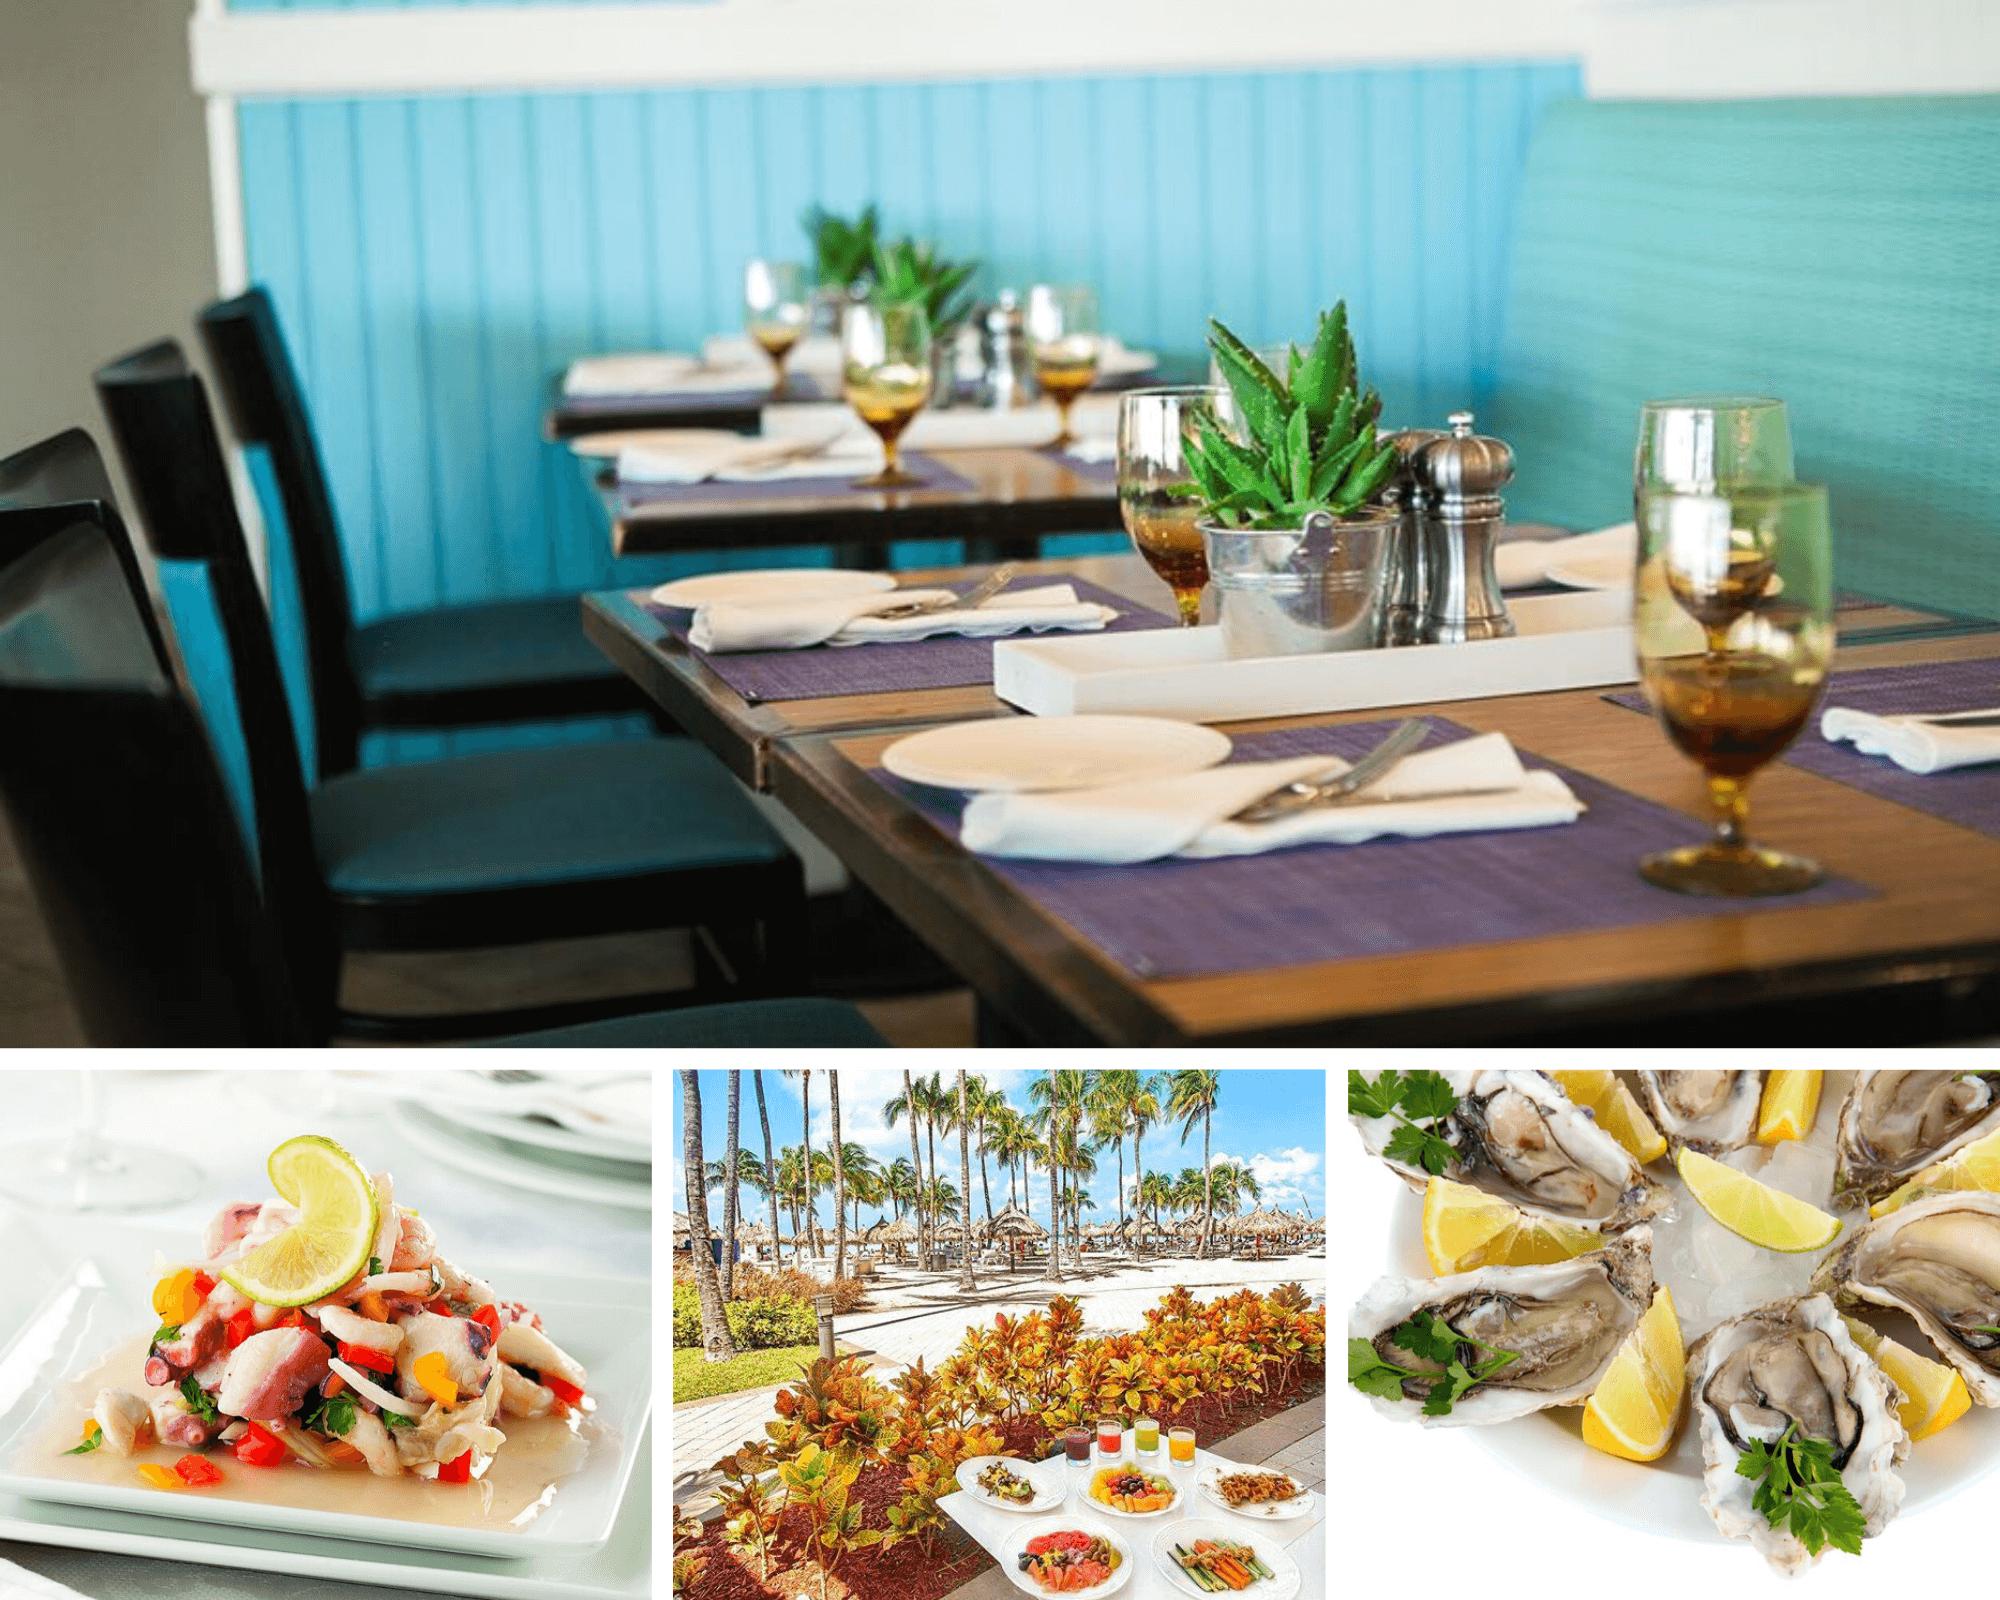 Aruba_Bubbly_Sunday_Brunch_Blog-by-megan-rojer_la-vista-at-marriott-resort